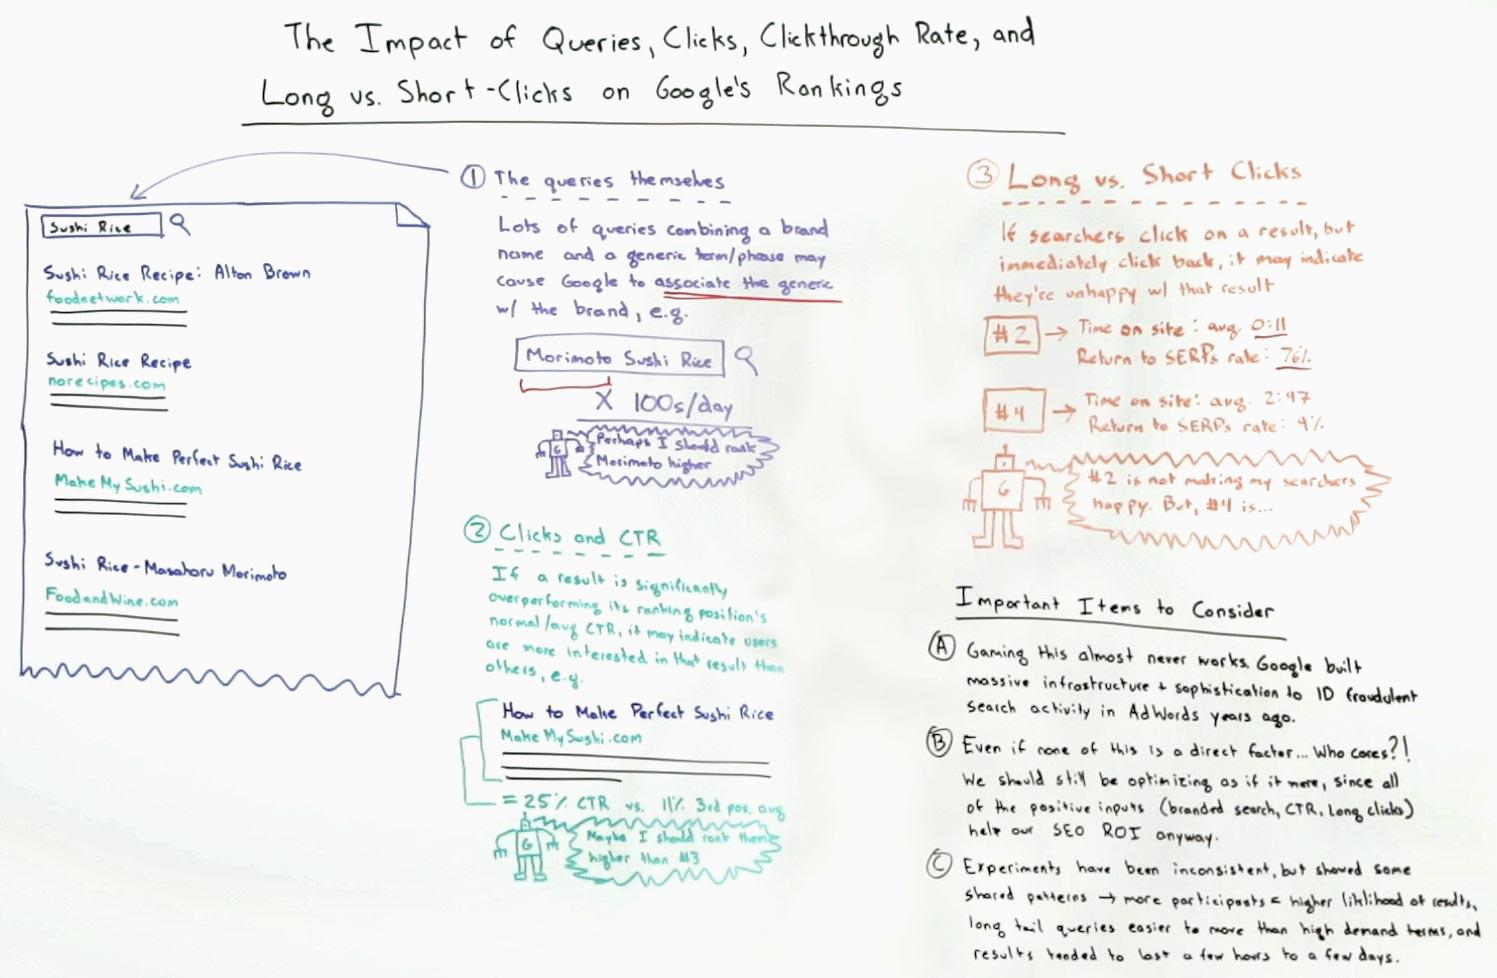 در این مقاله در مورد جستجو و نرخ کلیک و تفاوت کلیک های بلند و کوتاه و انواع جستجو ها و نحوه تاثیر آنها در رتبه بندی میپردازیم